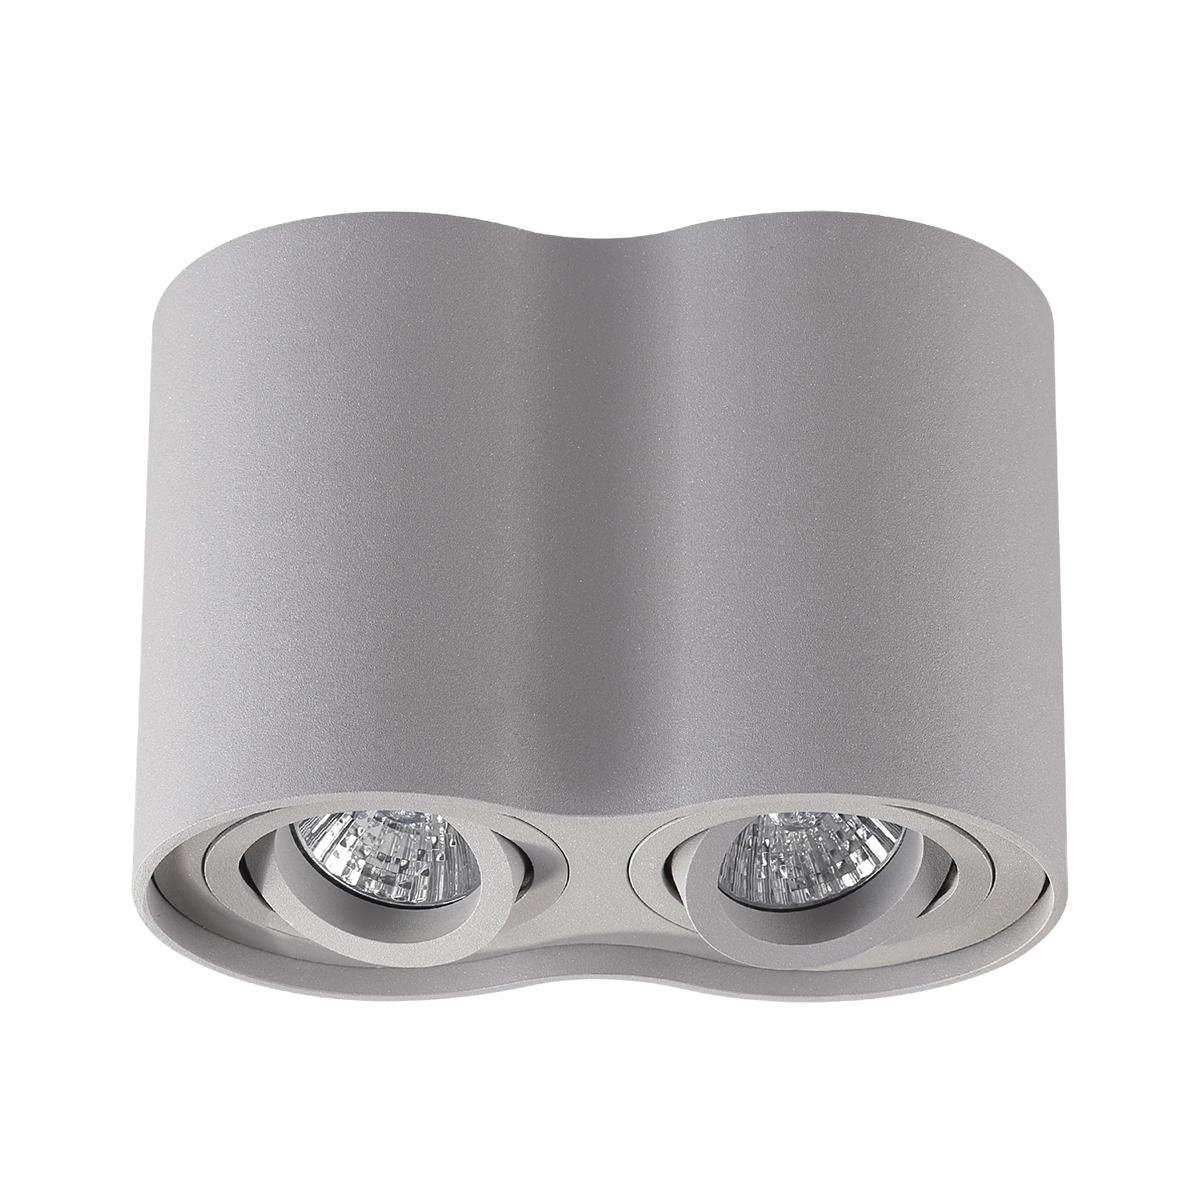 Потолочный светильник Odeon Light 3831/2C, серый, металл - фото 2